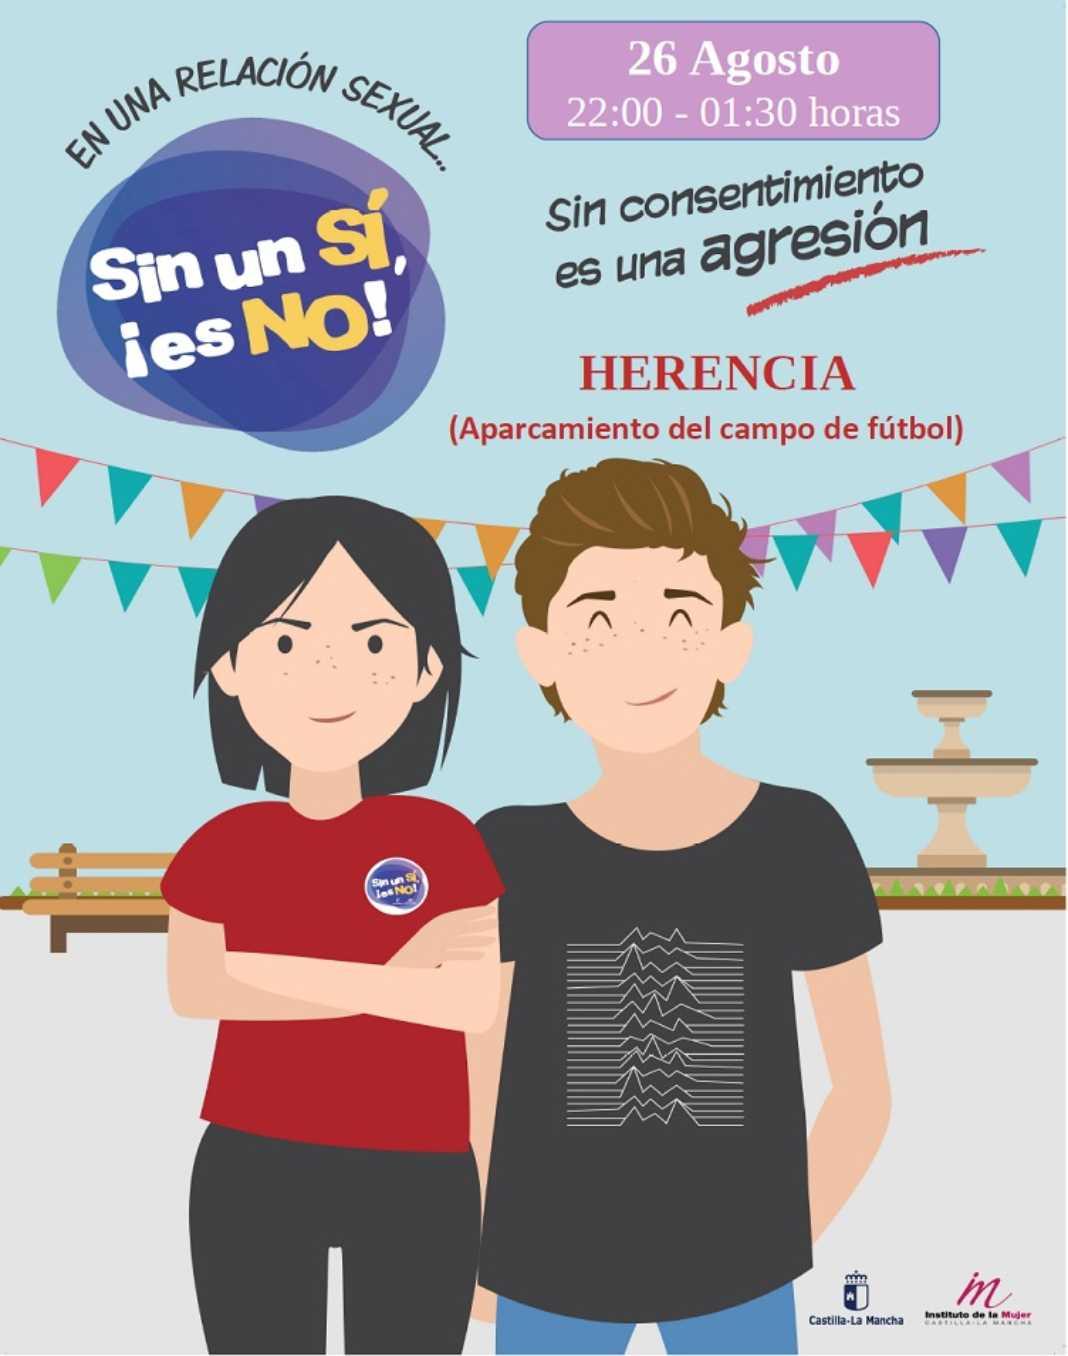 """Sin un sí ¡es no 1068x1356 - Llega a Herencia la campaña """"Sin un si, ¡es no!"""" Contra las violaciones en cita"""